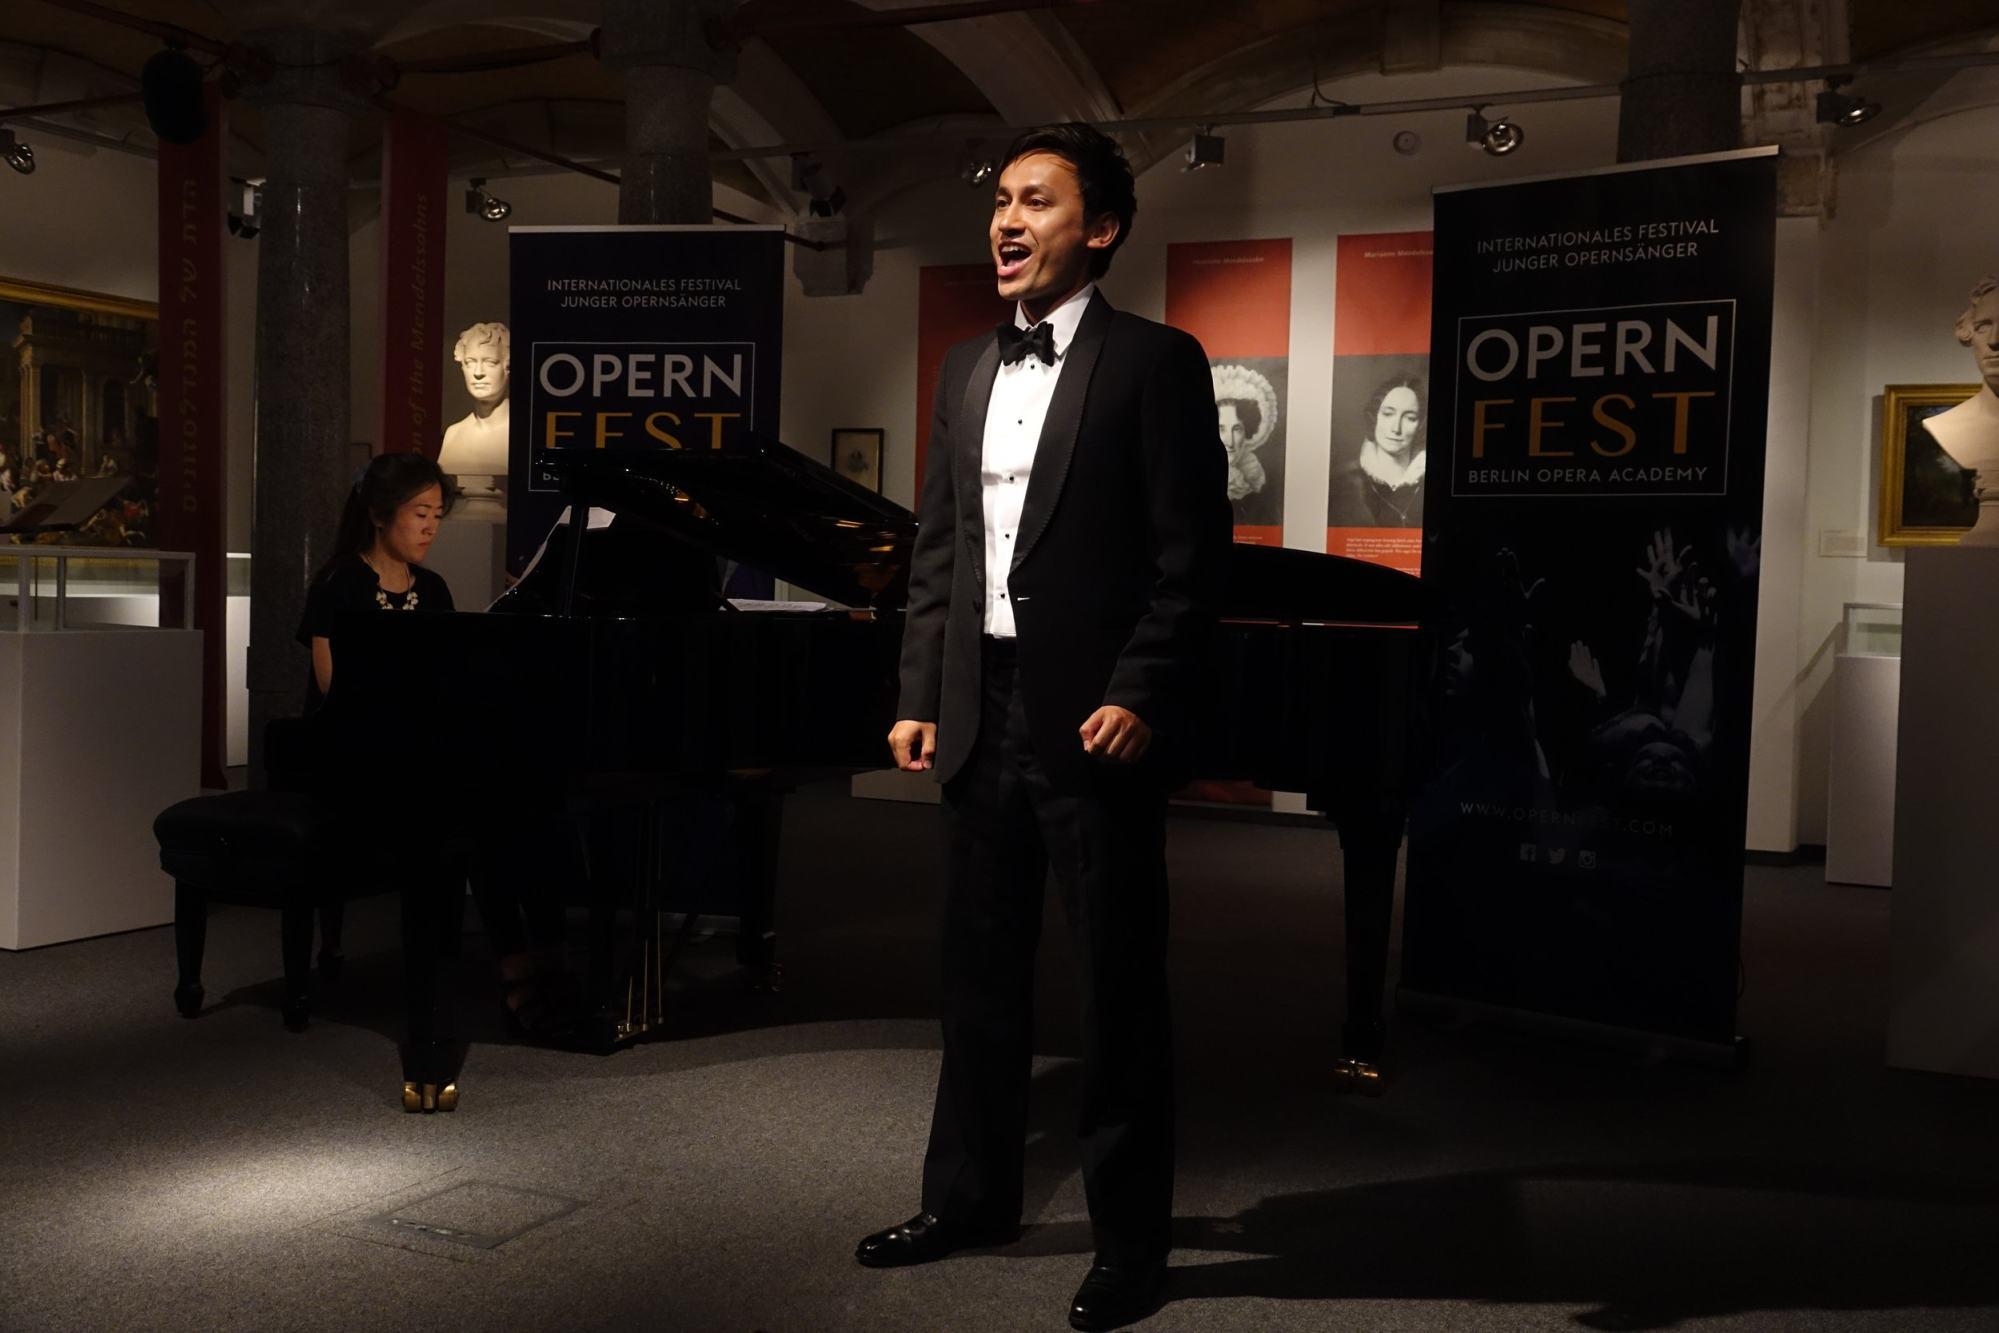 Julian Chou-Lambert says opera is a white-dominated world. Photo: Detlef Kurth